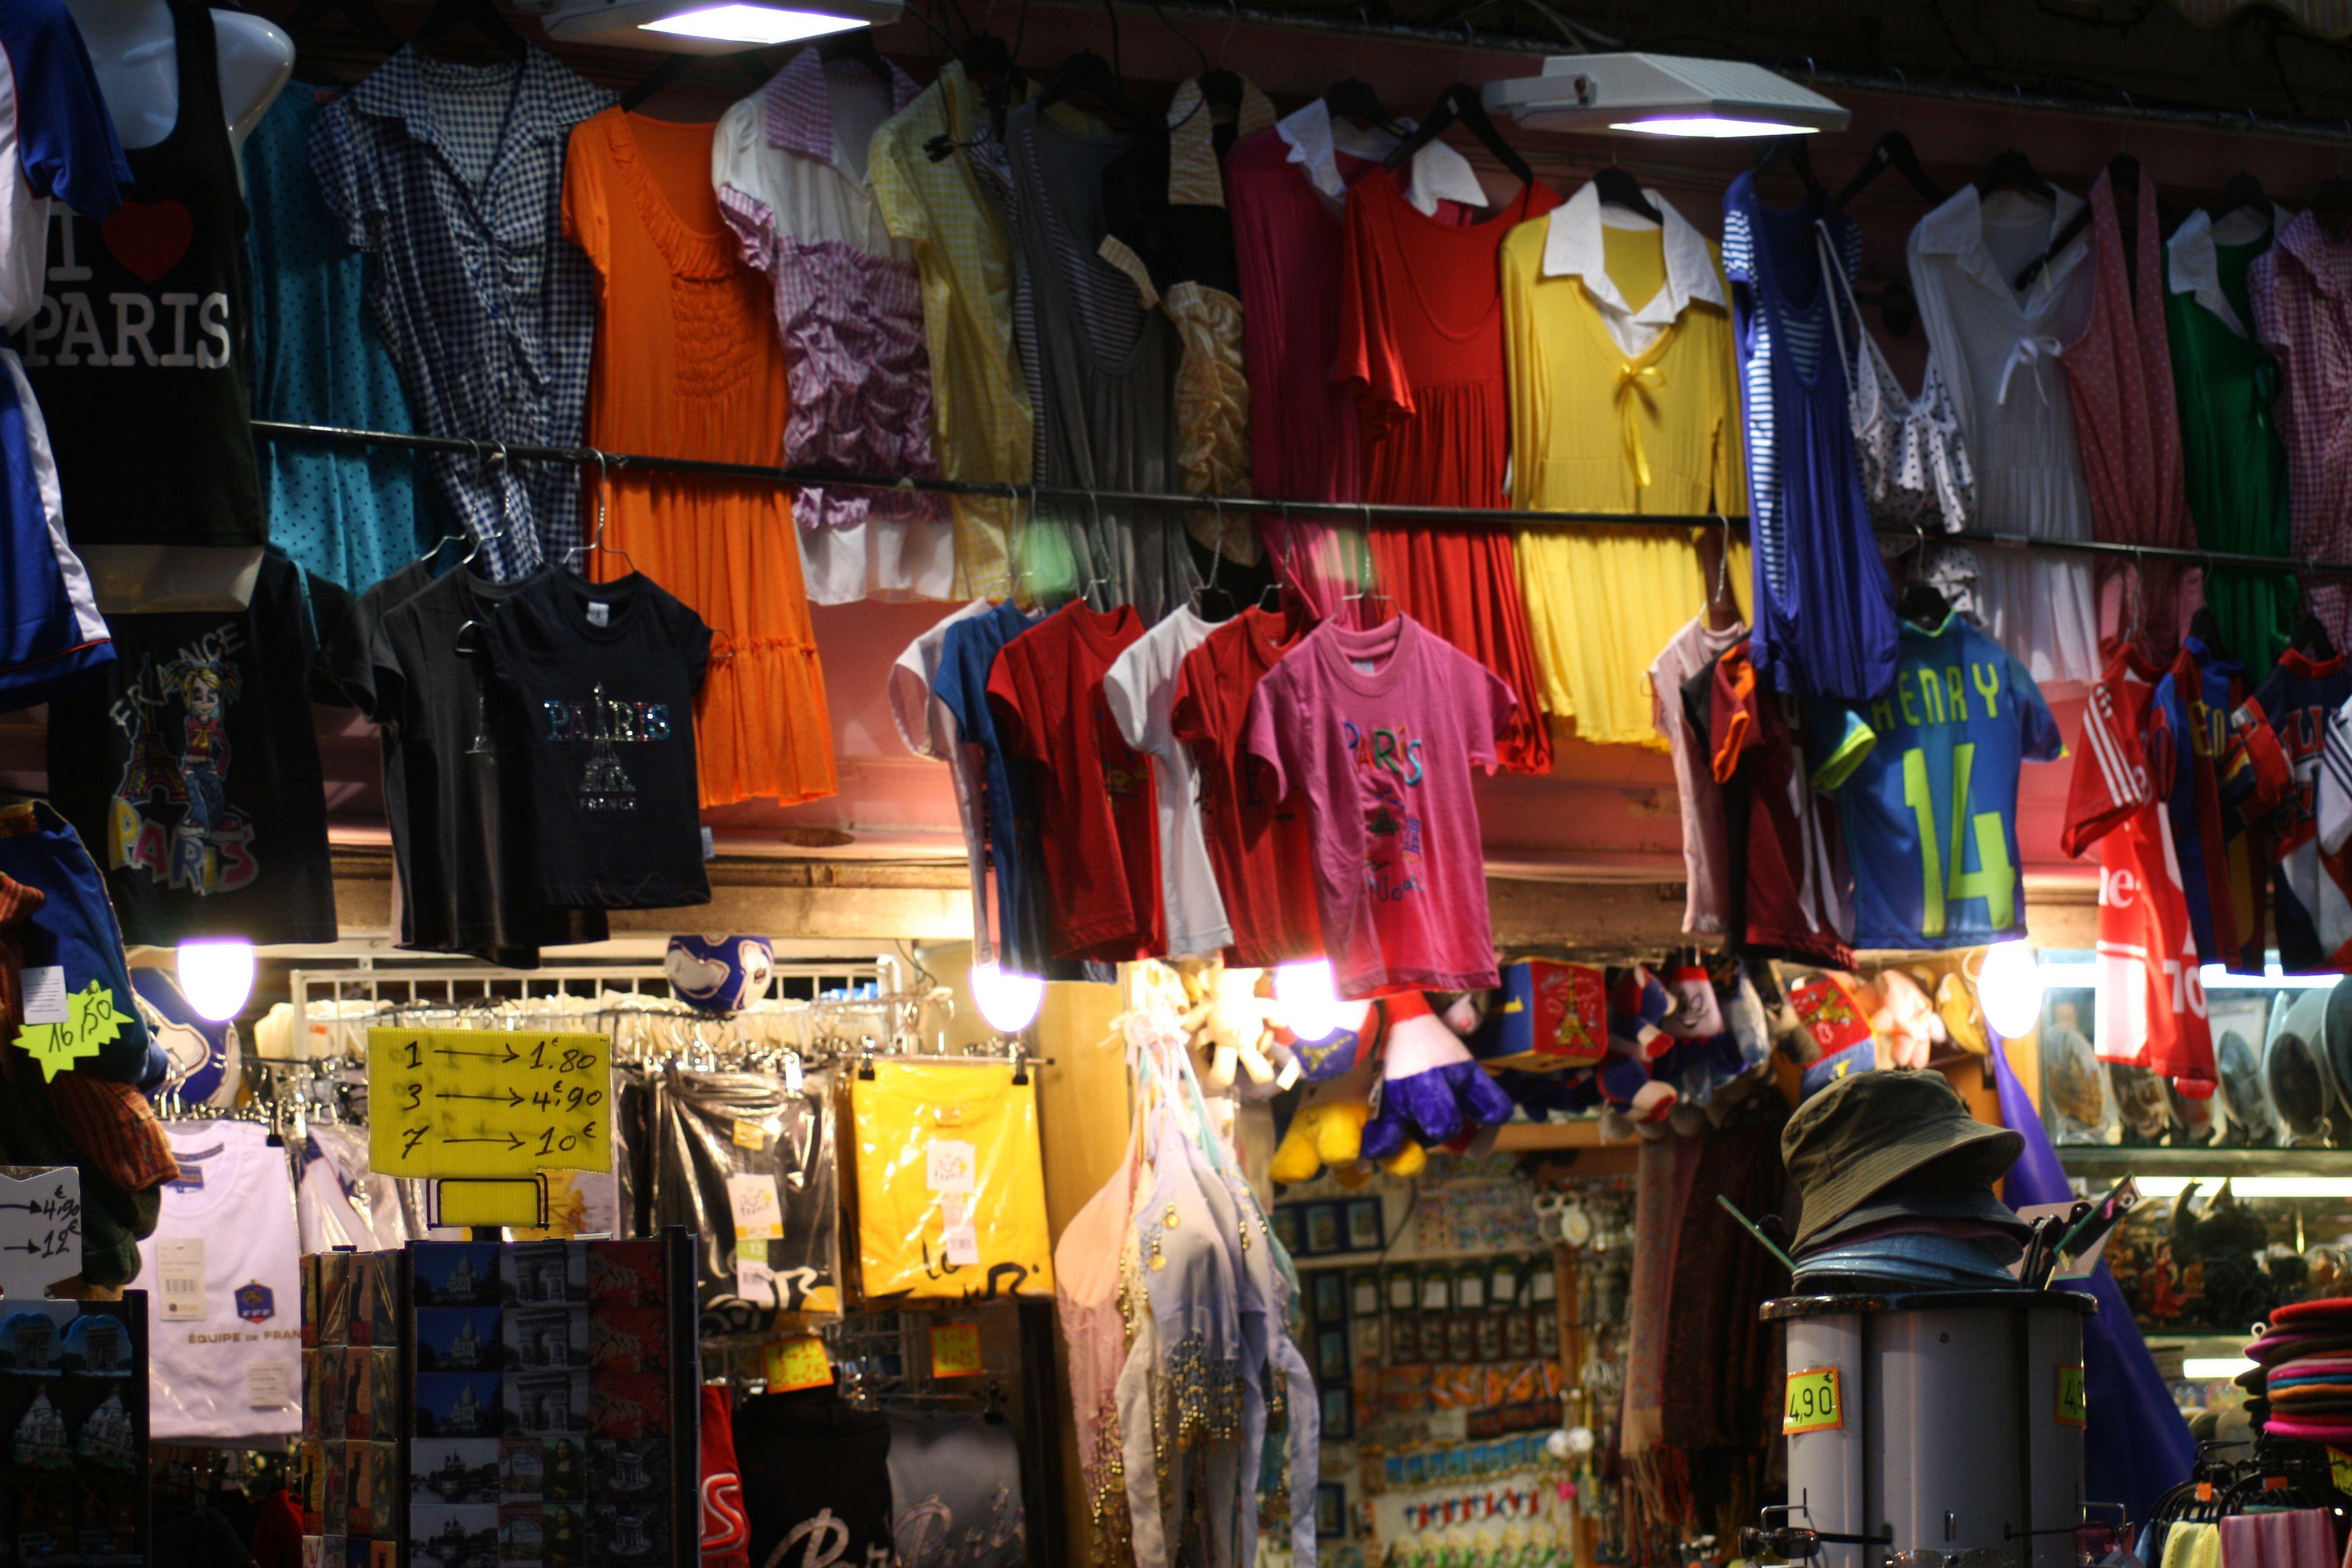 ¿Piensa que este puesto de souvenirs ofrece los mejores precios? Aquellos que no buscan el mejor recuerdo pueden estar cayendo en una gran estafa de recuerdos